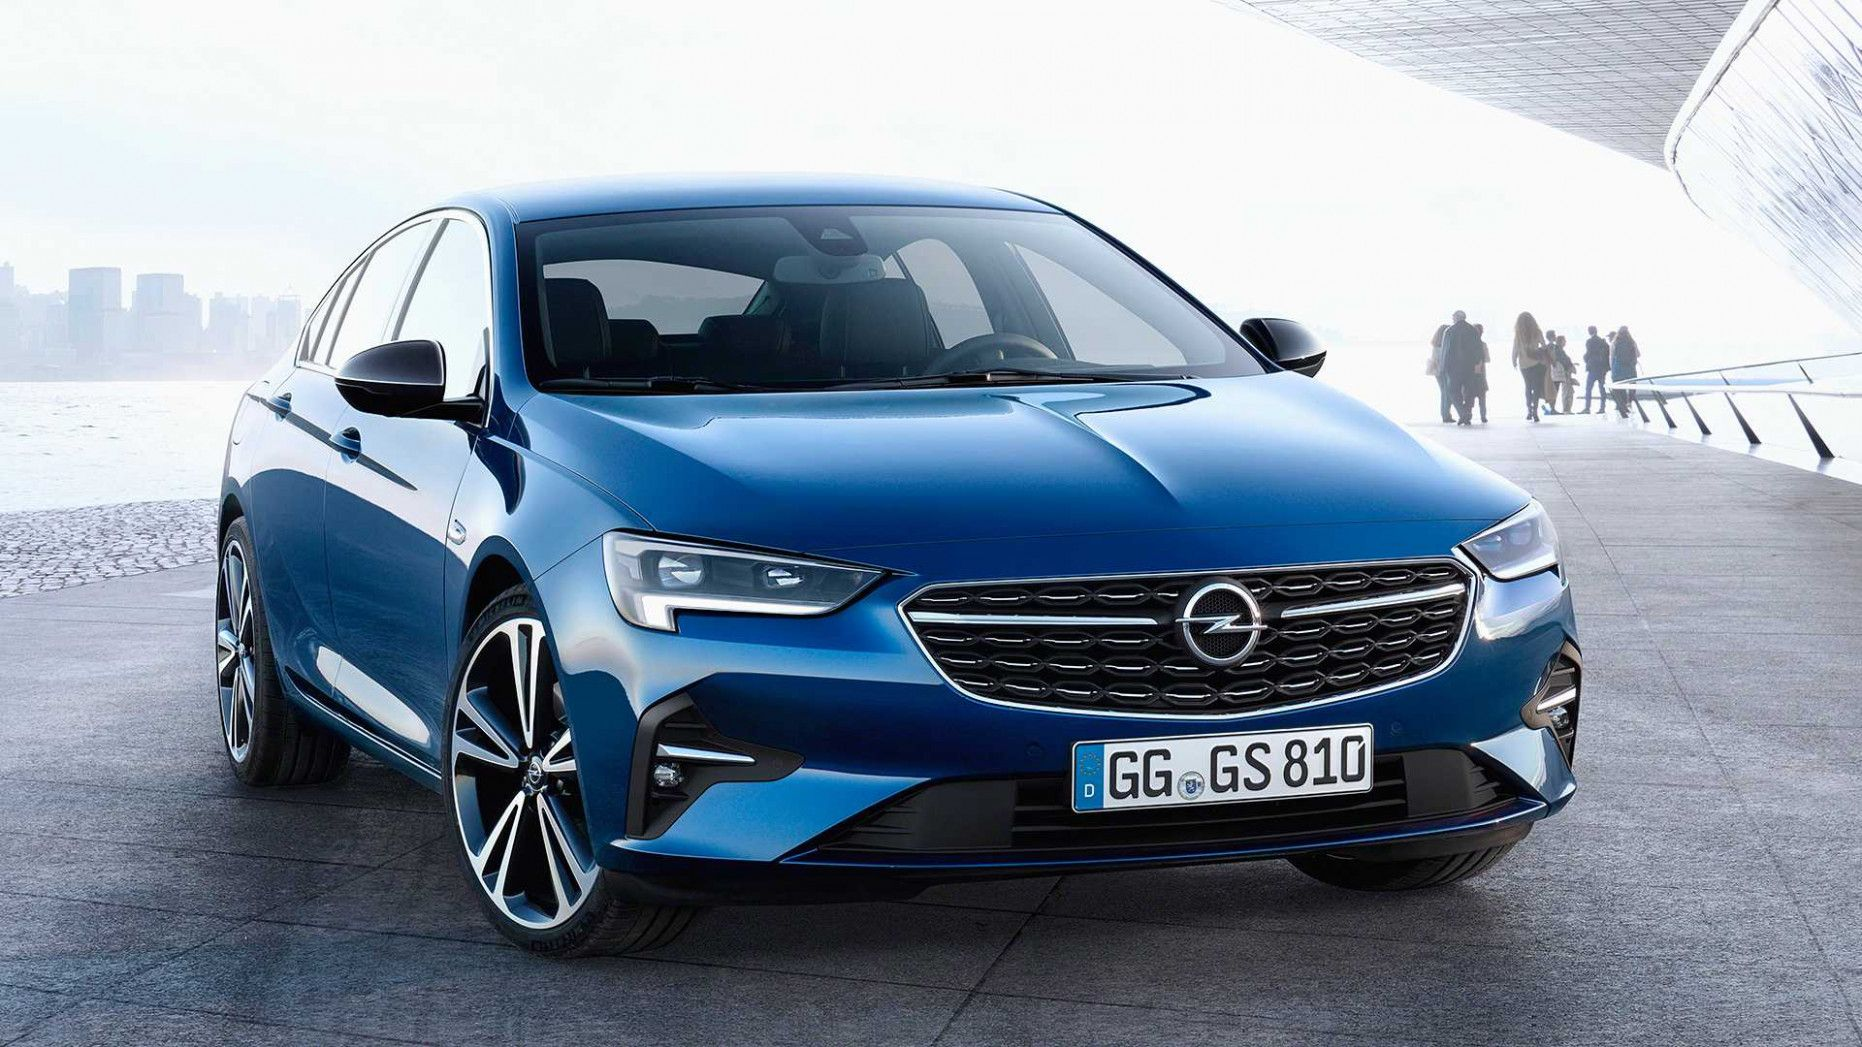 Opel Fiyat Listesi Pdf Opel Fiyat Listesi Pdf This Opel Fiyat Listesi Pdf Design Was Upload In 2020 Opel Corsa Daihatsu Opel